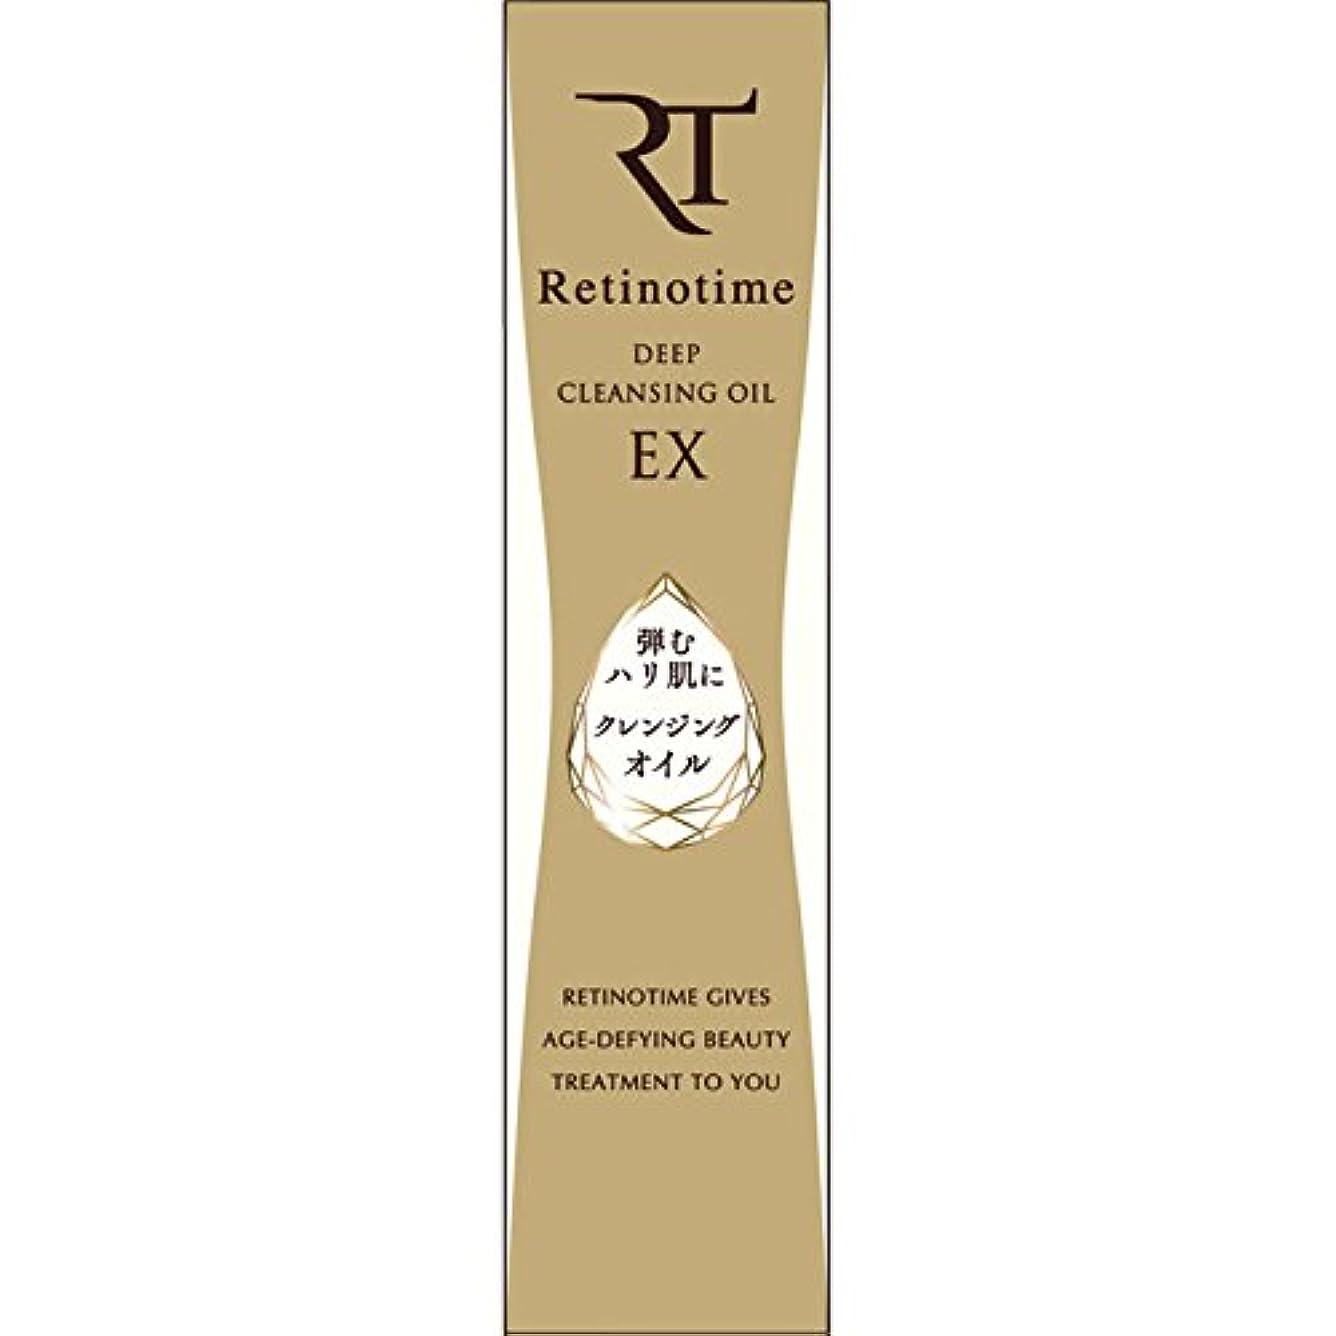 疲労検索ドメインナリス化粧品 レチノタイム ディープクレンジングオイル EX 150ml